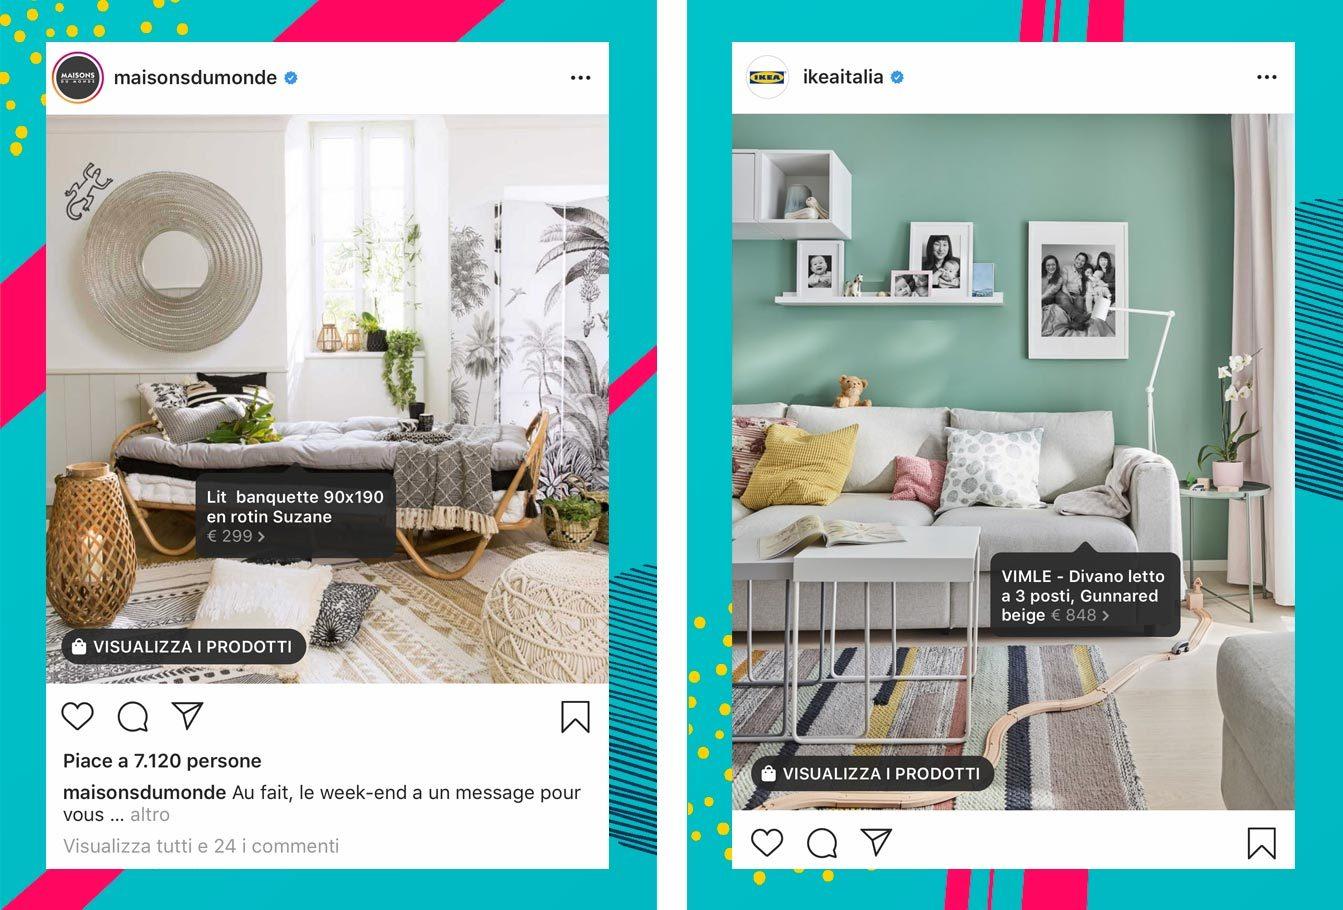 Esempi Instagram Shopping arredamento